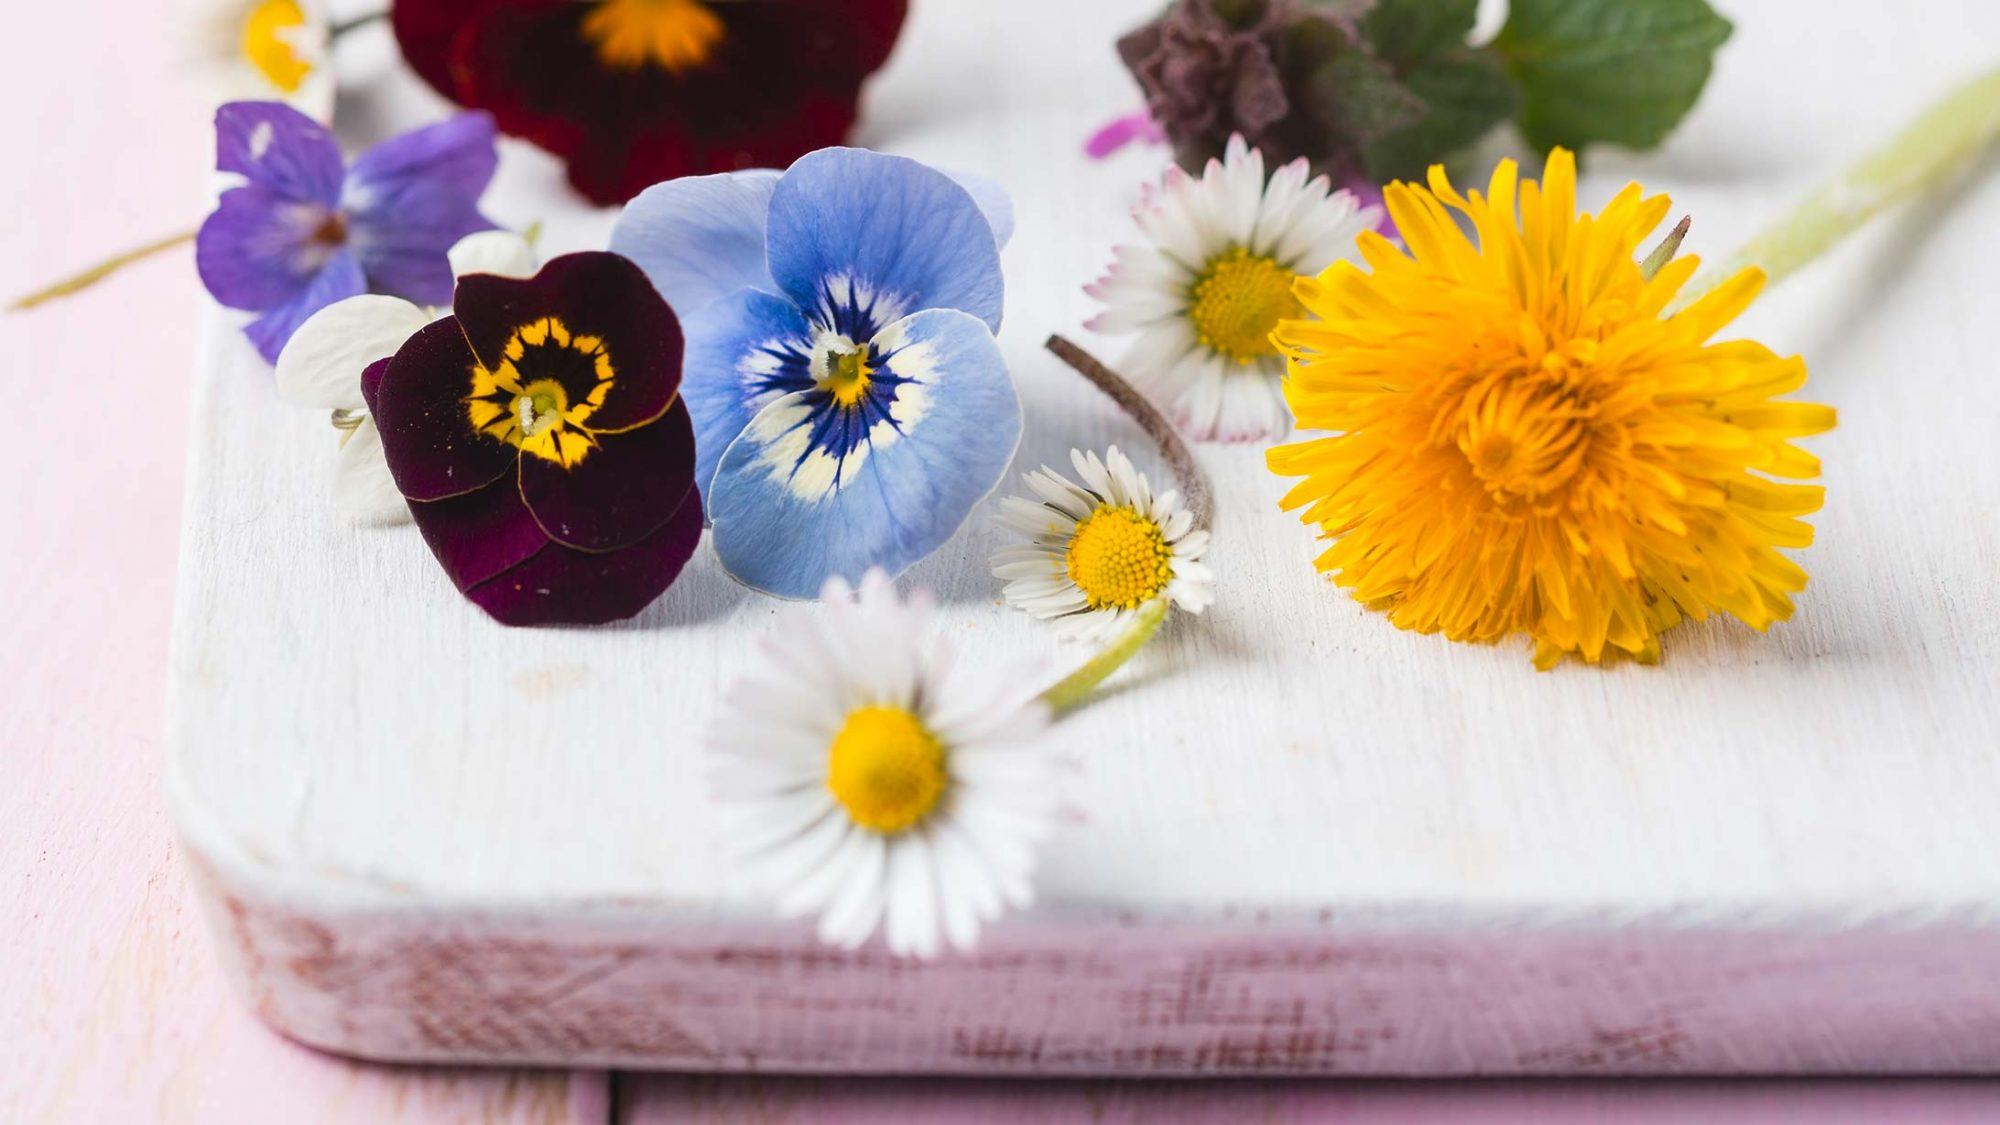 Osterrezept mit Spargel: Bild von essbaren Wildblüten